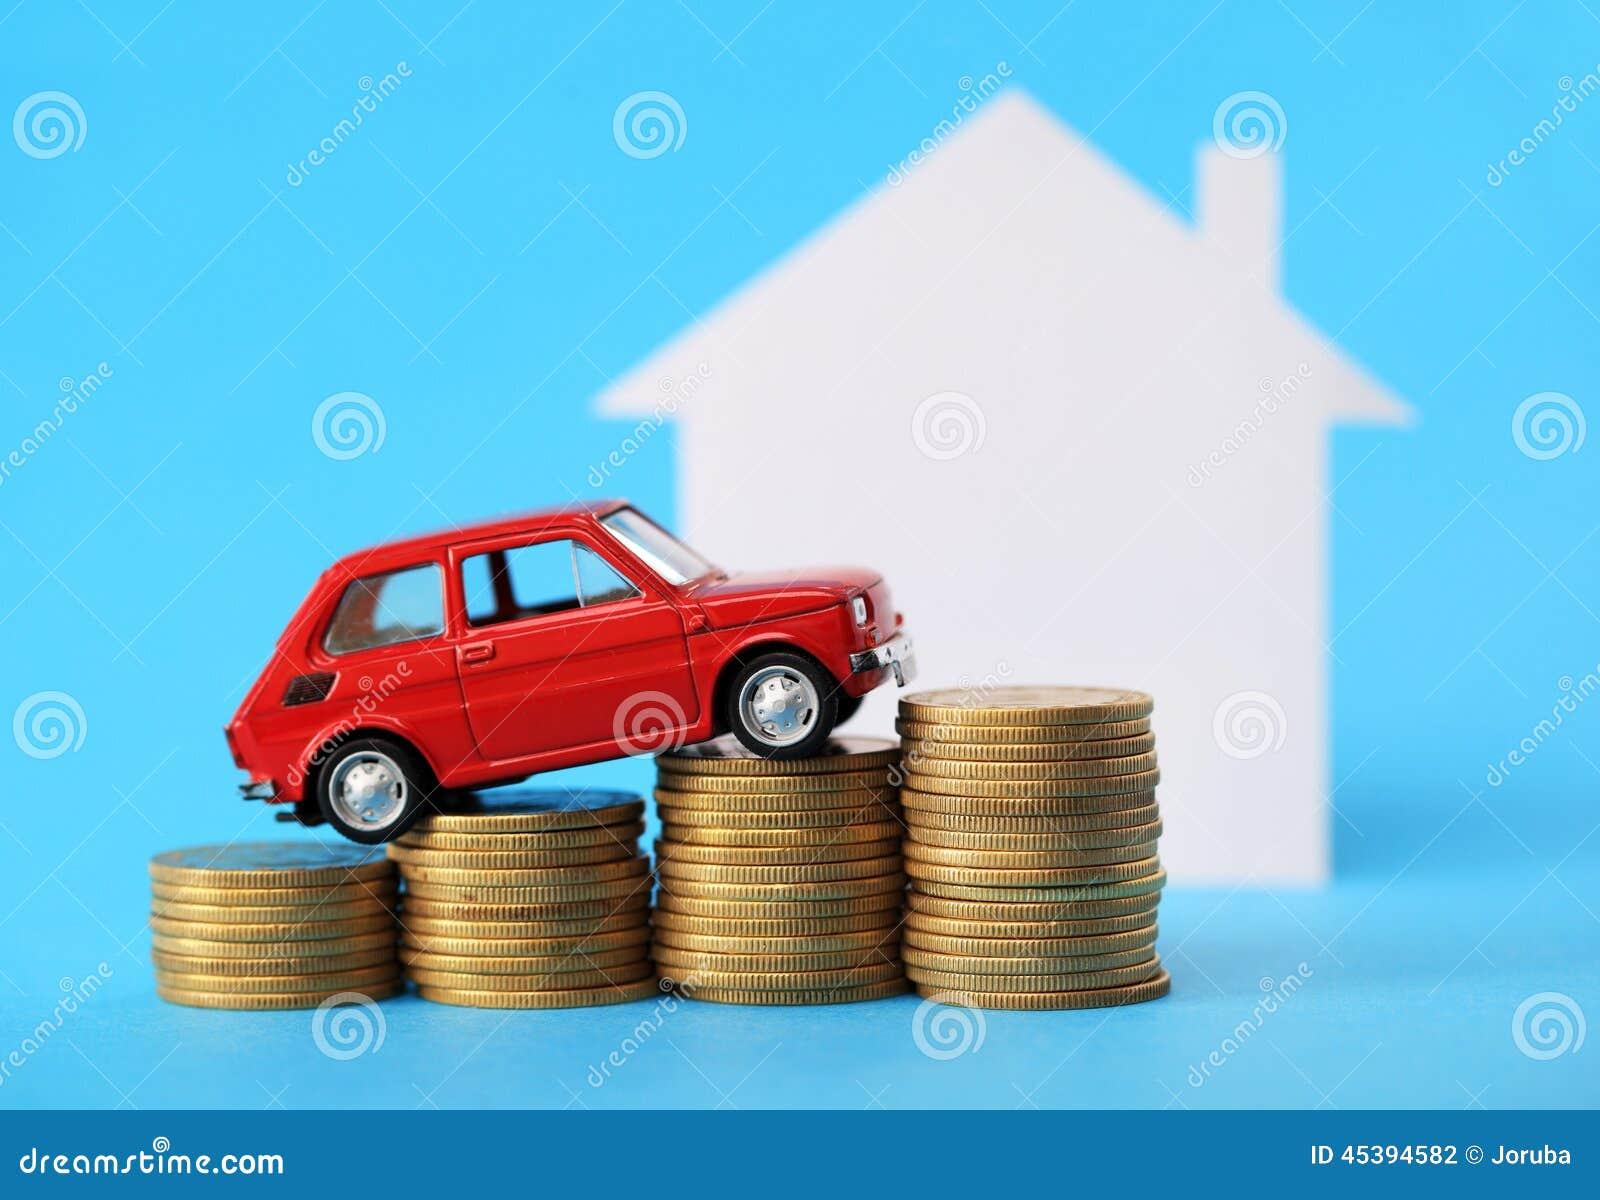 Авто деньги дома реклама на авто за деньги брянск